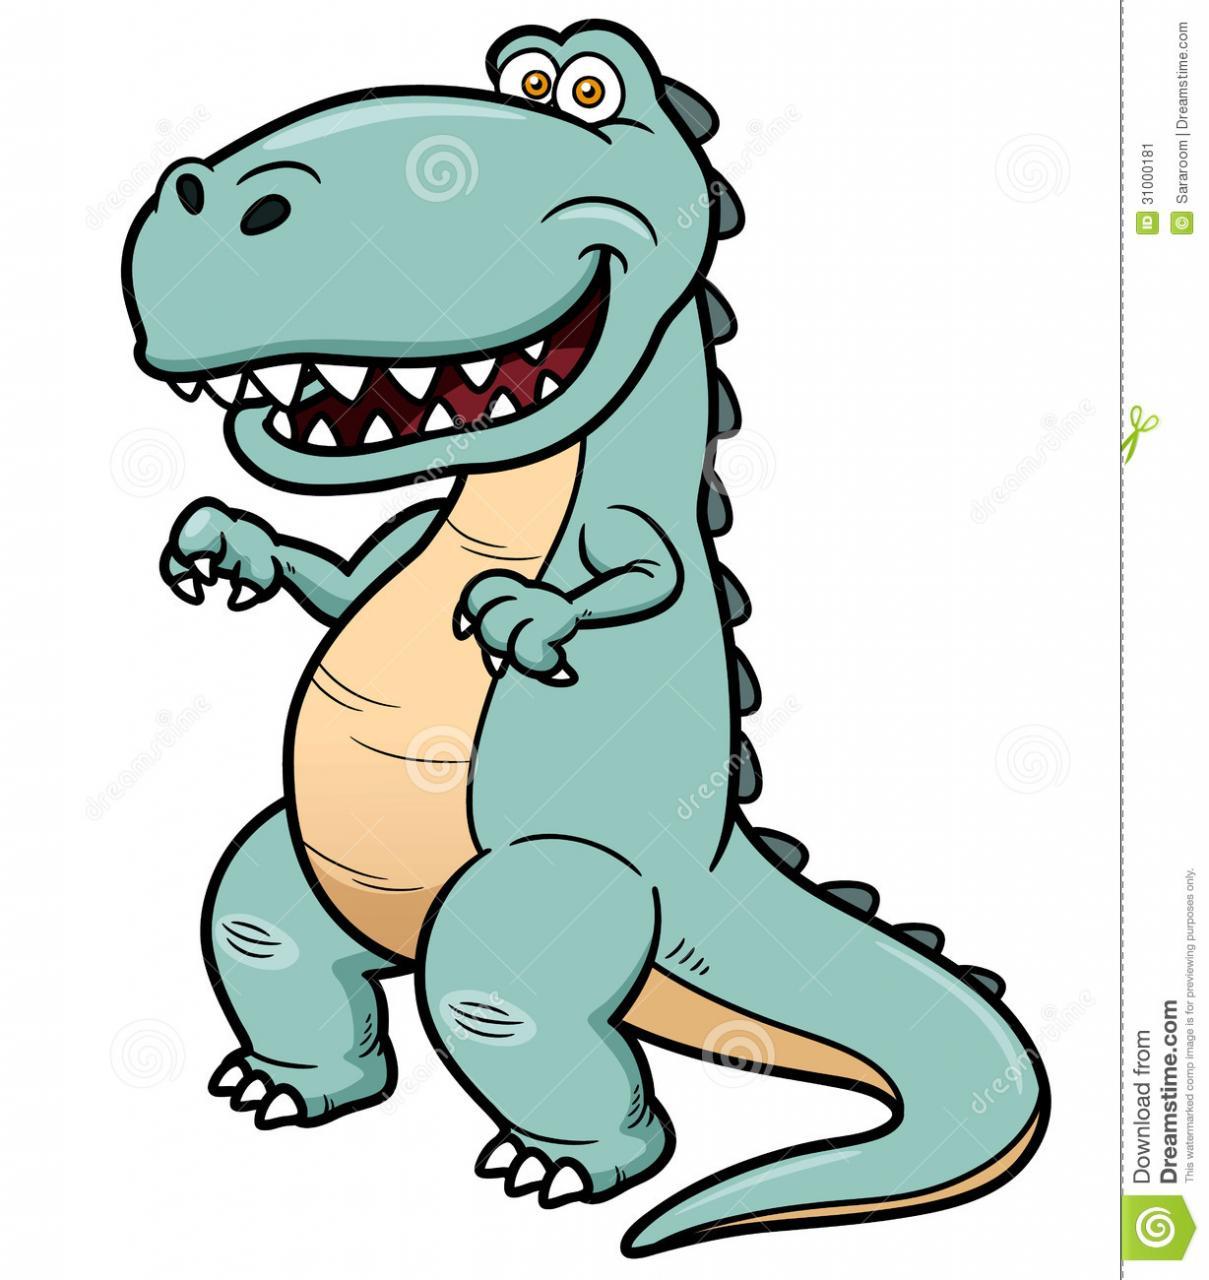 صورة شاهد كرتون ديناصور كامل , حصريا الكرتون الاكثر مشاهده للاطفال